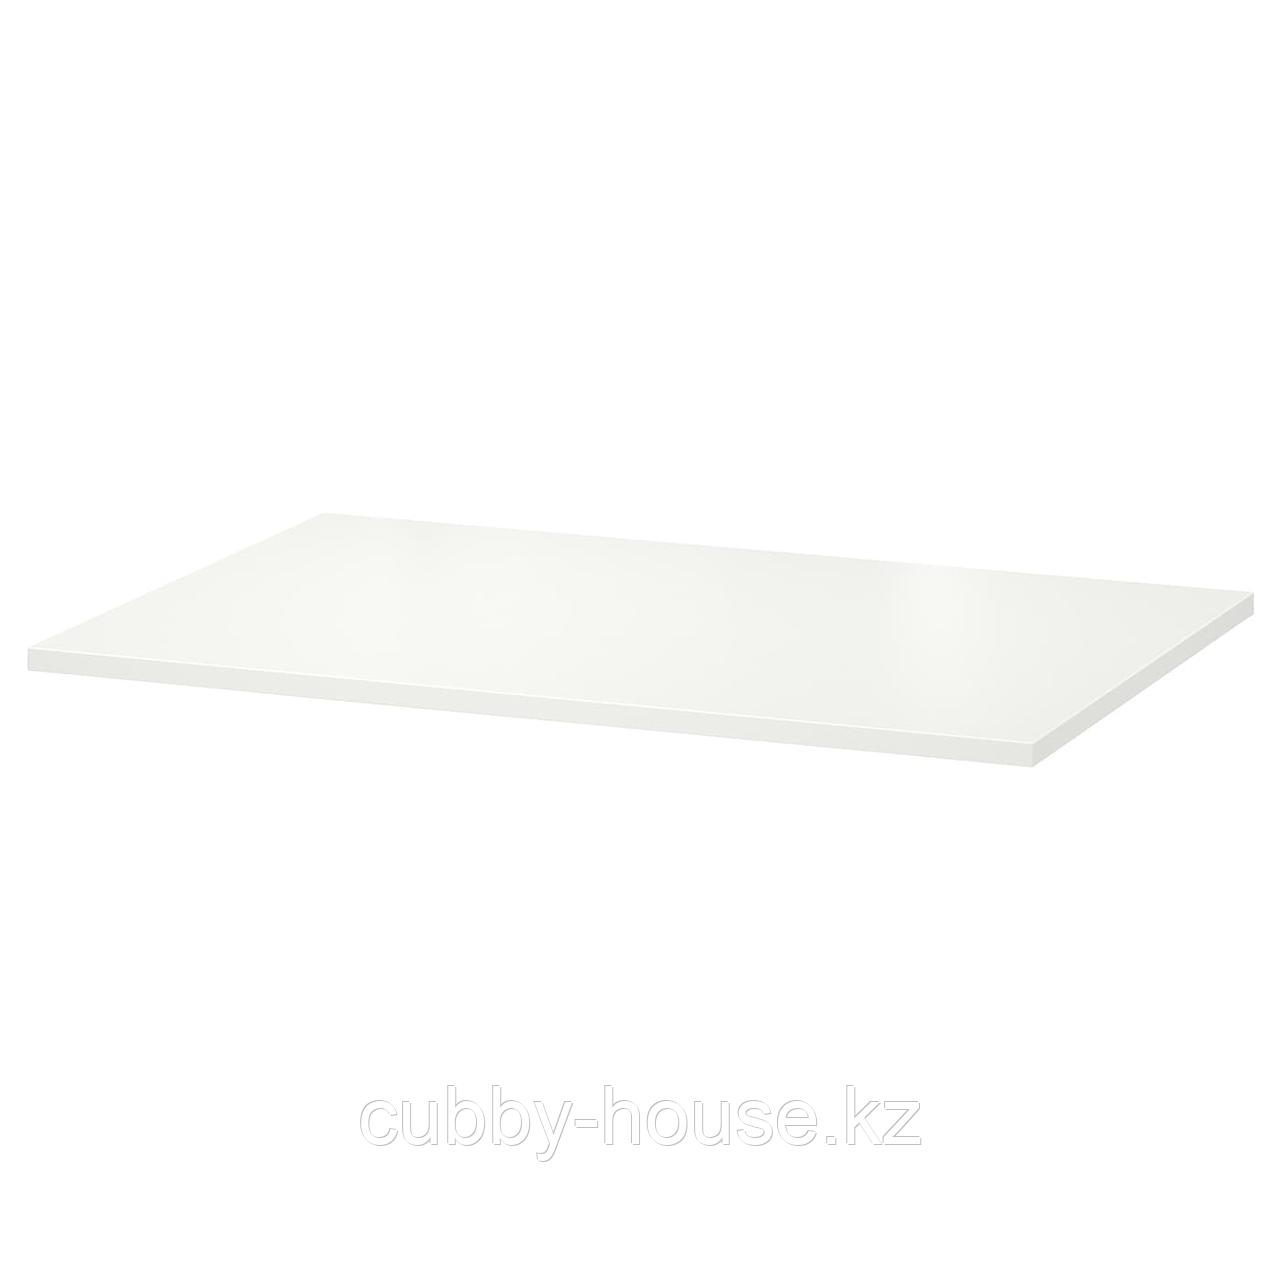 СПИЛДРА Верхняя панель модуля д/хранения, белый, 60x55 см